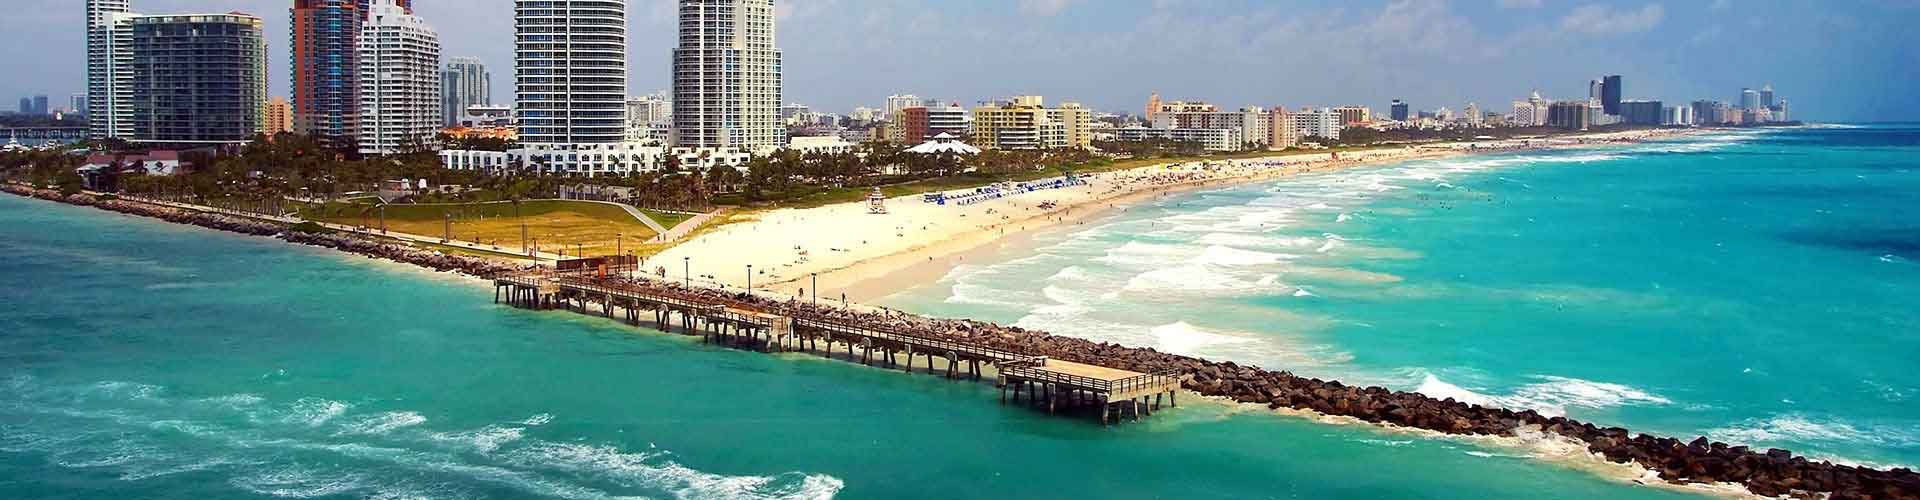 Miami - Hotelek Miami. Miami térképek, fotók és ajánlások minden egyes Miami hotelről.